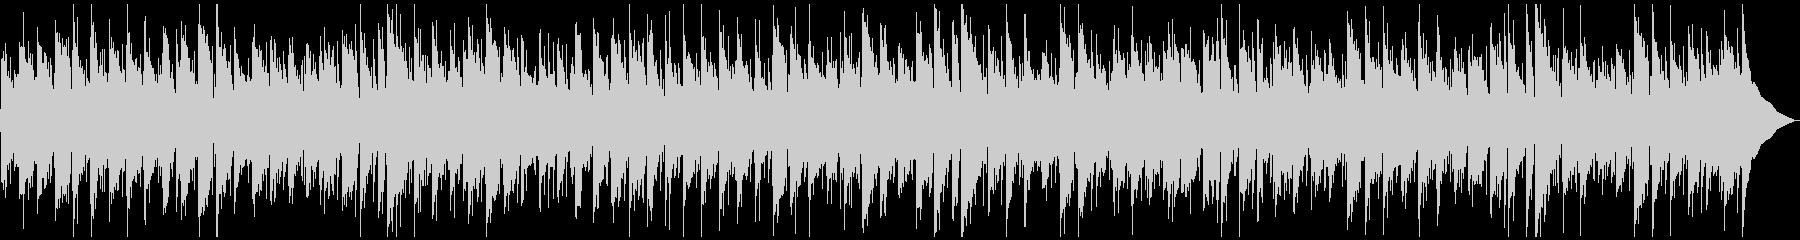 シンプルなインディポップの未再生の波形